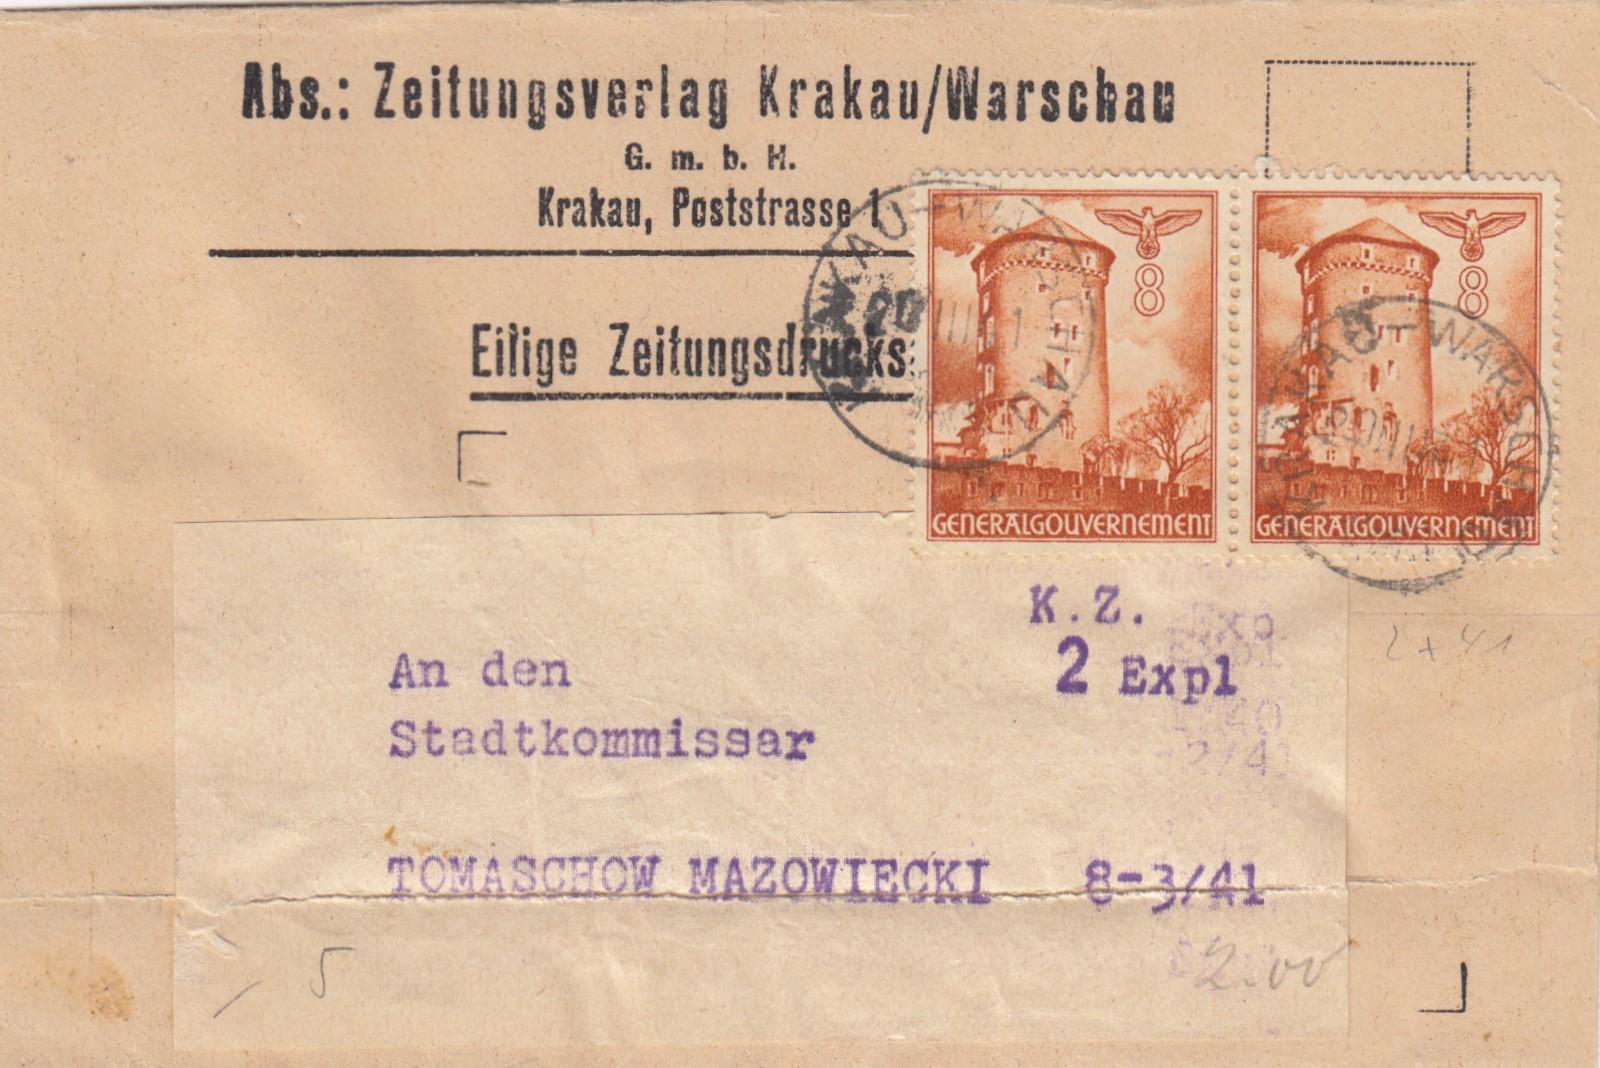 GG-Zeitungsstreifband-Verlag-Krakau-MeF-fuer-2-Exemplare-nach-Tomaszow